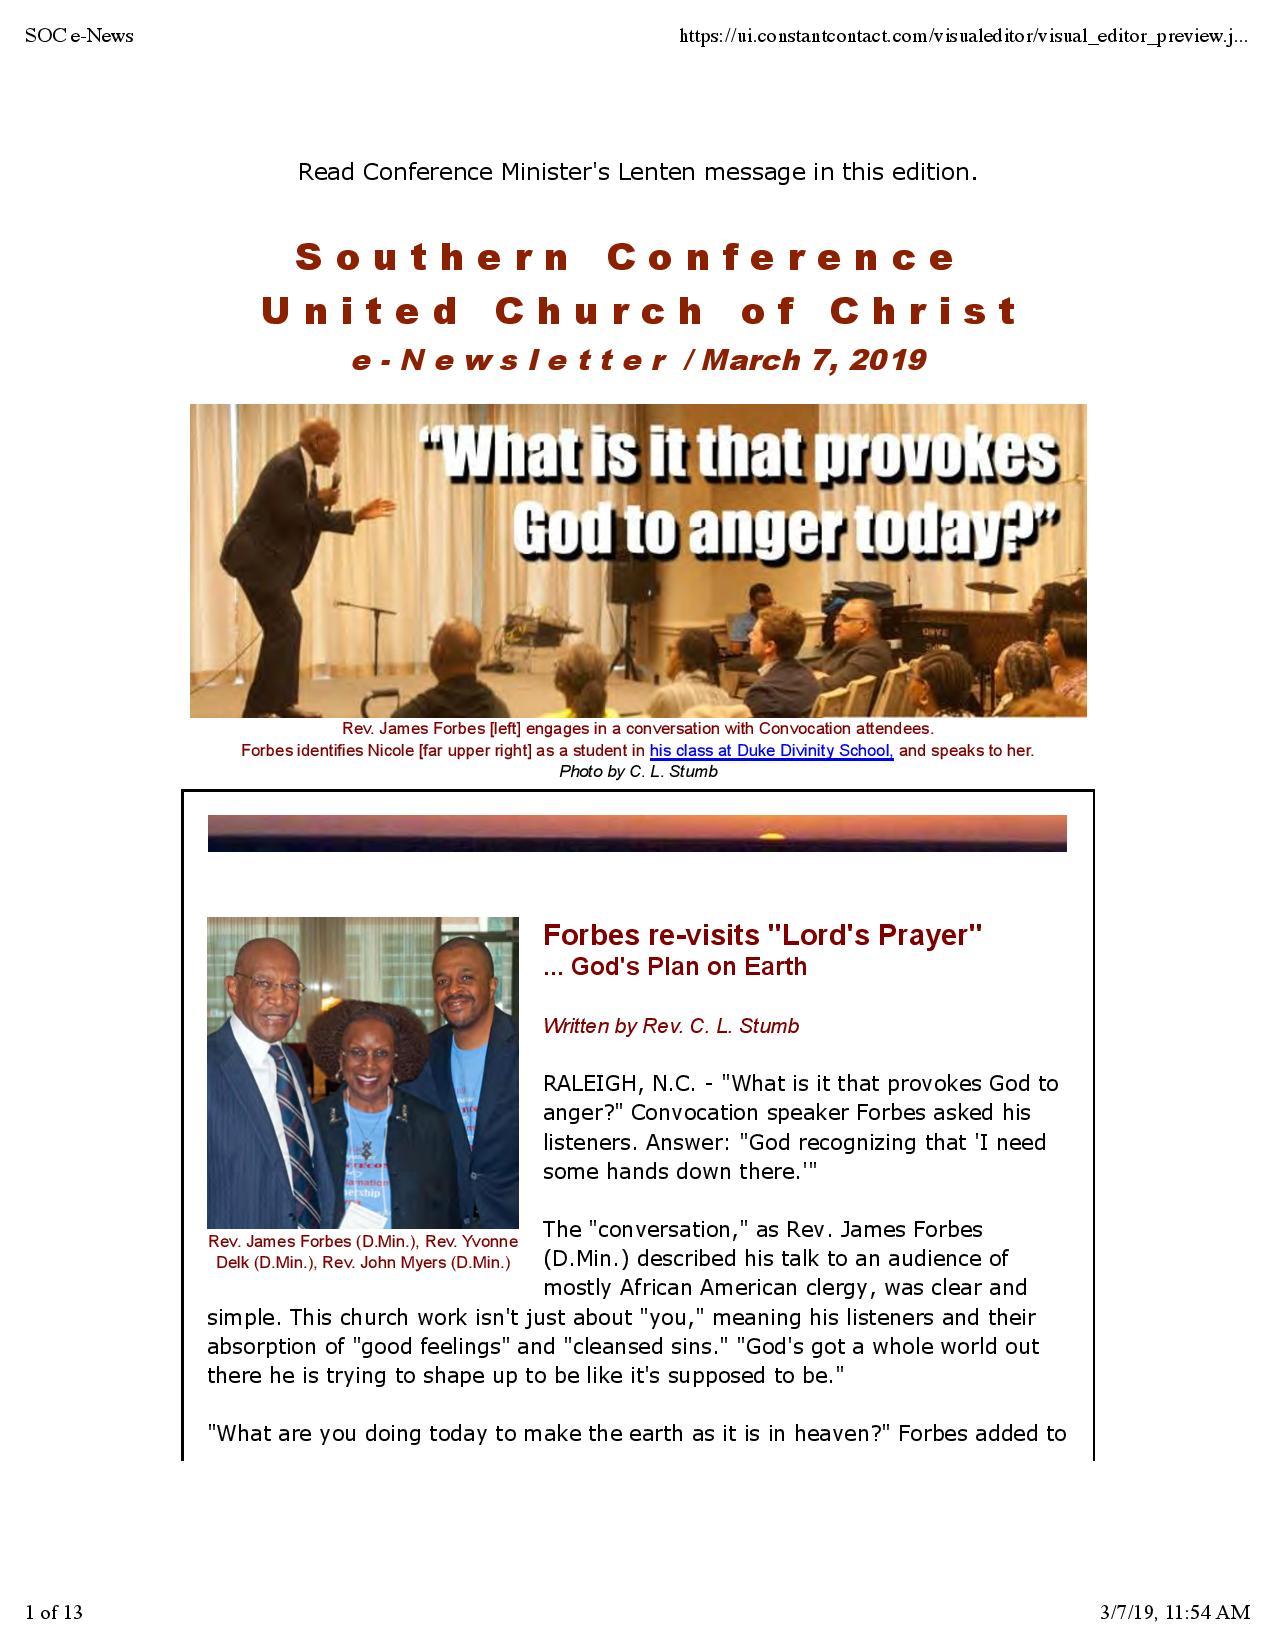 SOC_e-News_3-7-19b-page-001.jpg